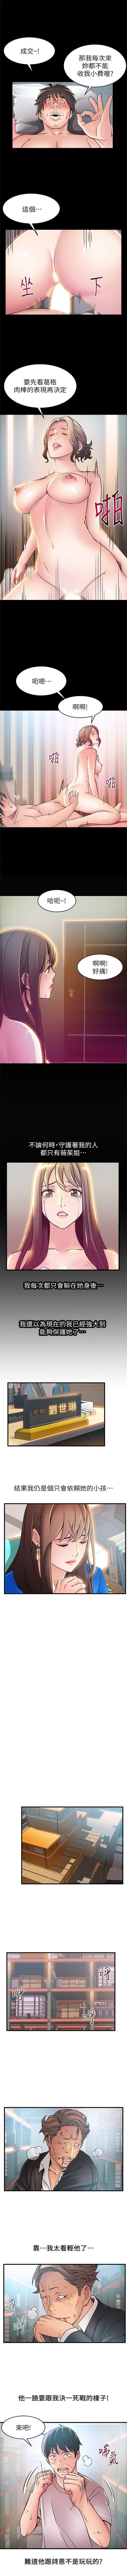 (周7)弱点 1-66 中文翻译(更新中) 175